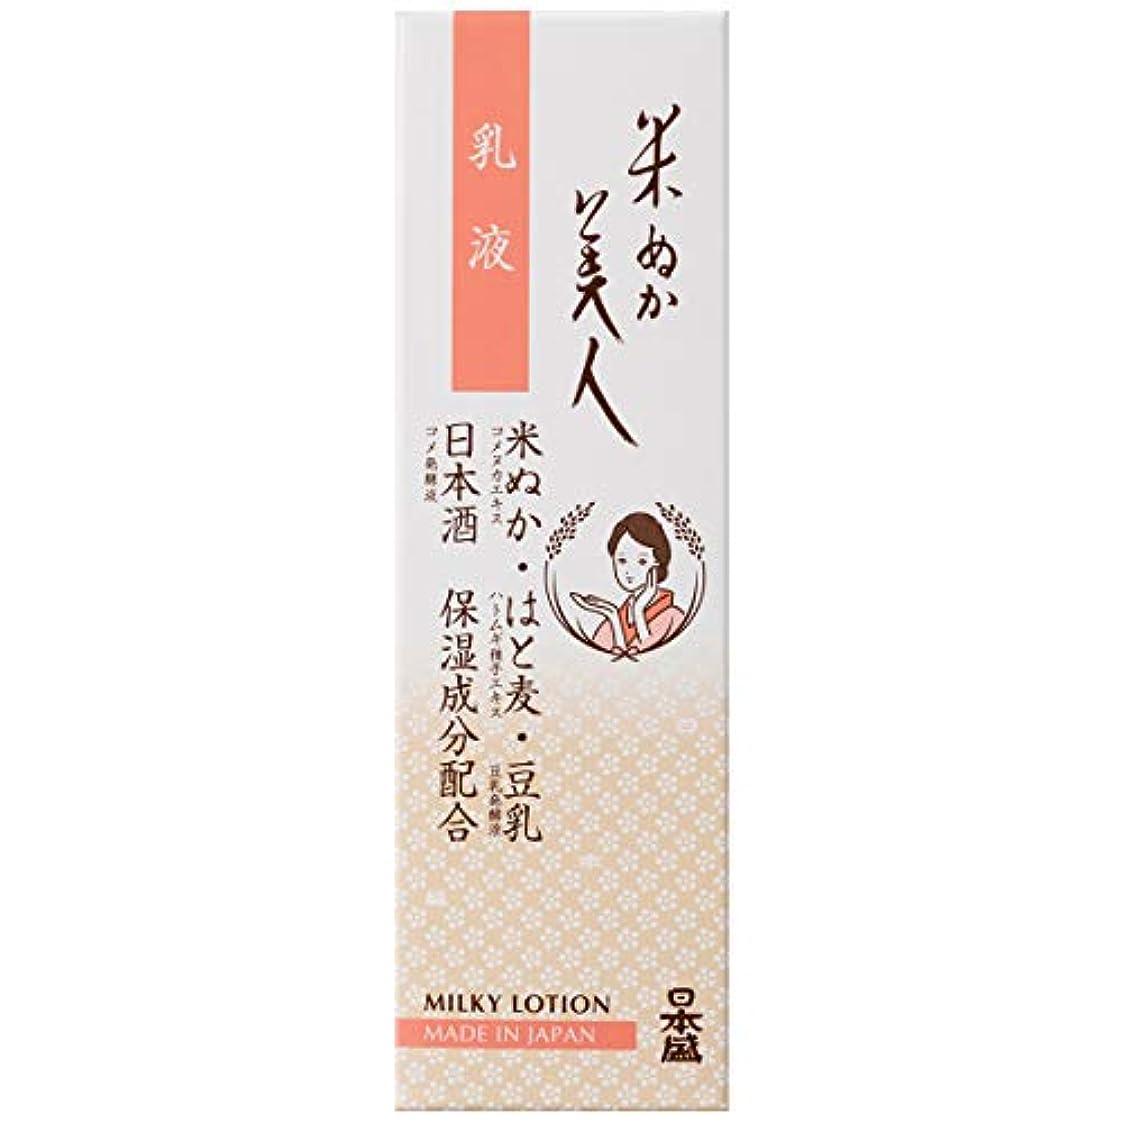 アトミックコンパスご注意日本盛 米ぬか美人 乳液 100mL(無香料 無着色)